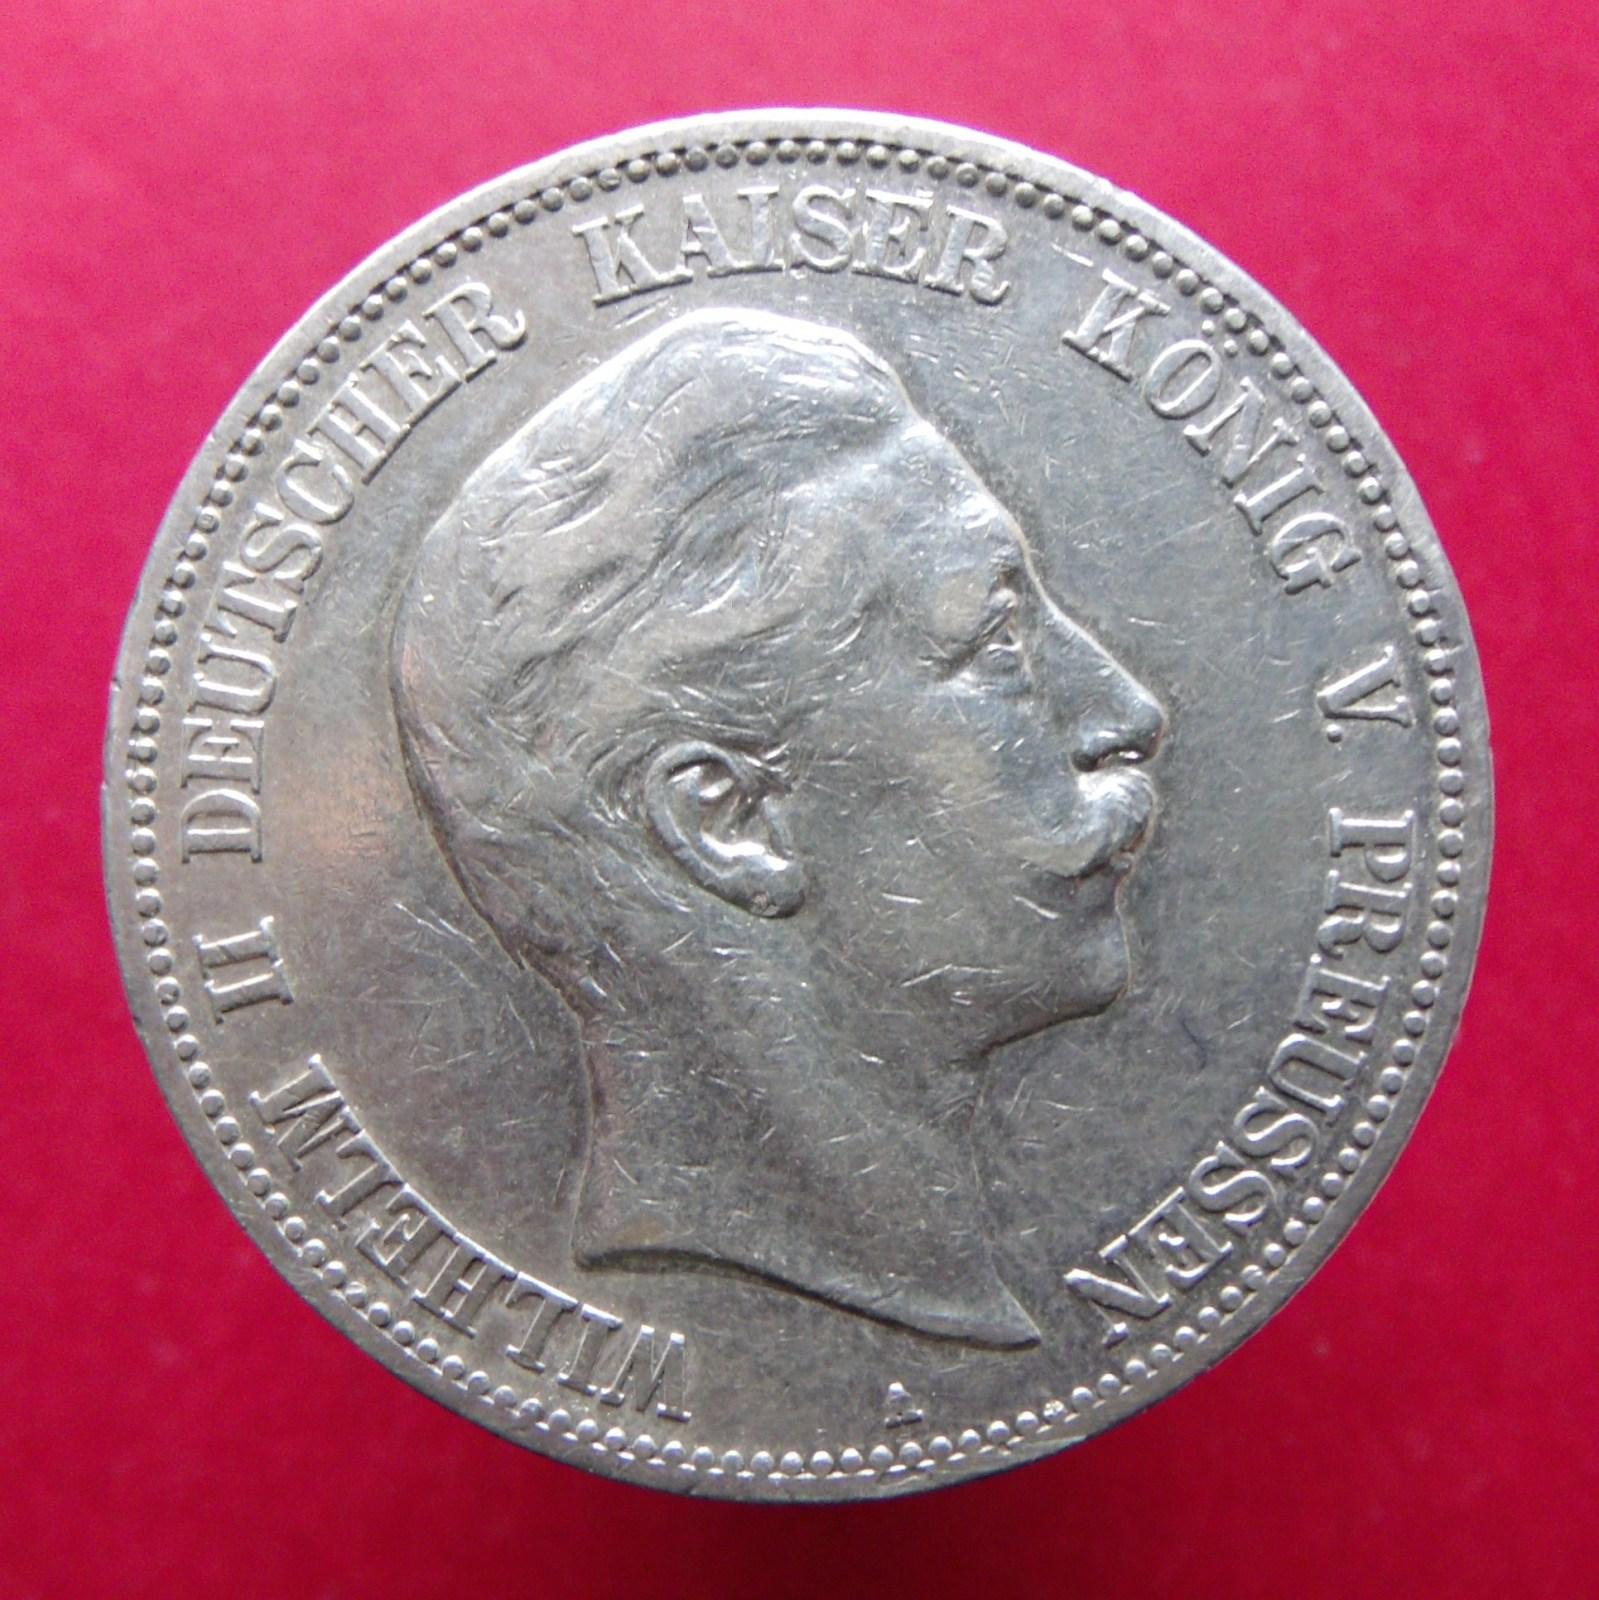 Alemania. Monedas del Reino de Prusia (1701-1918) - Página 2 1zg4yvp